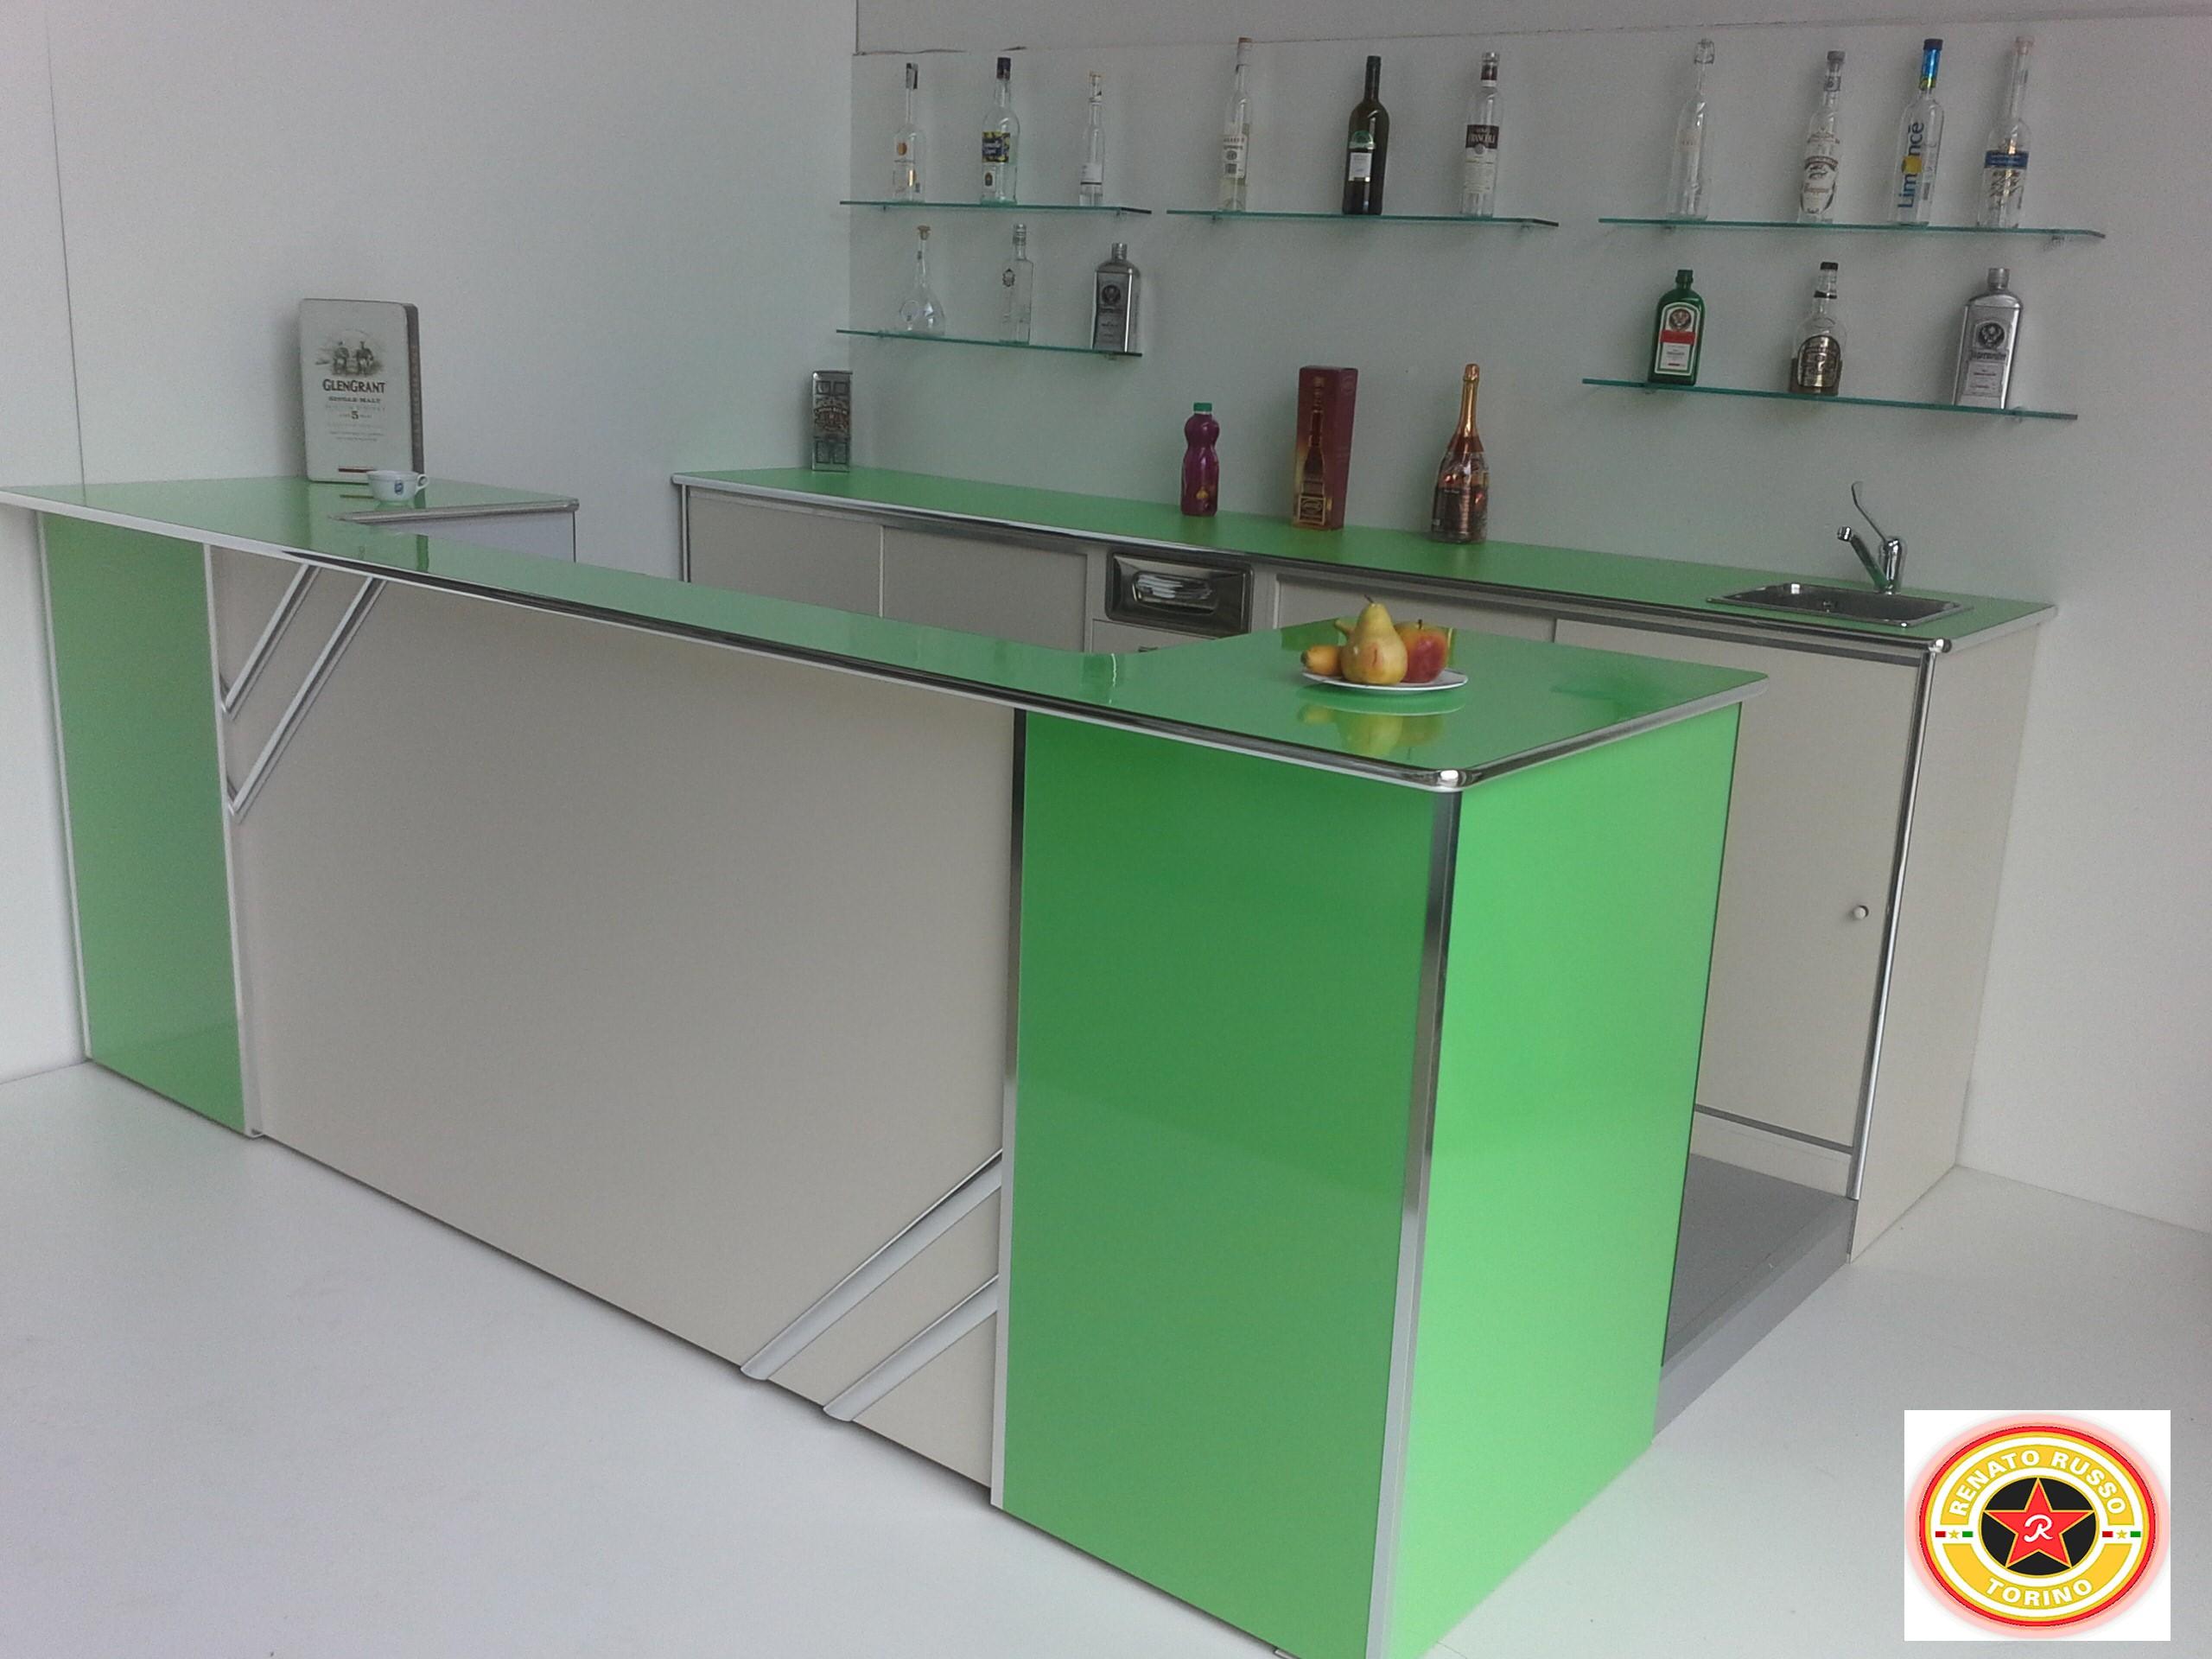 Mobili Ufficio Usati Subito : Stunning subito.it torino mobili usati contemporary